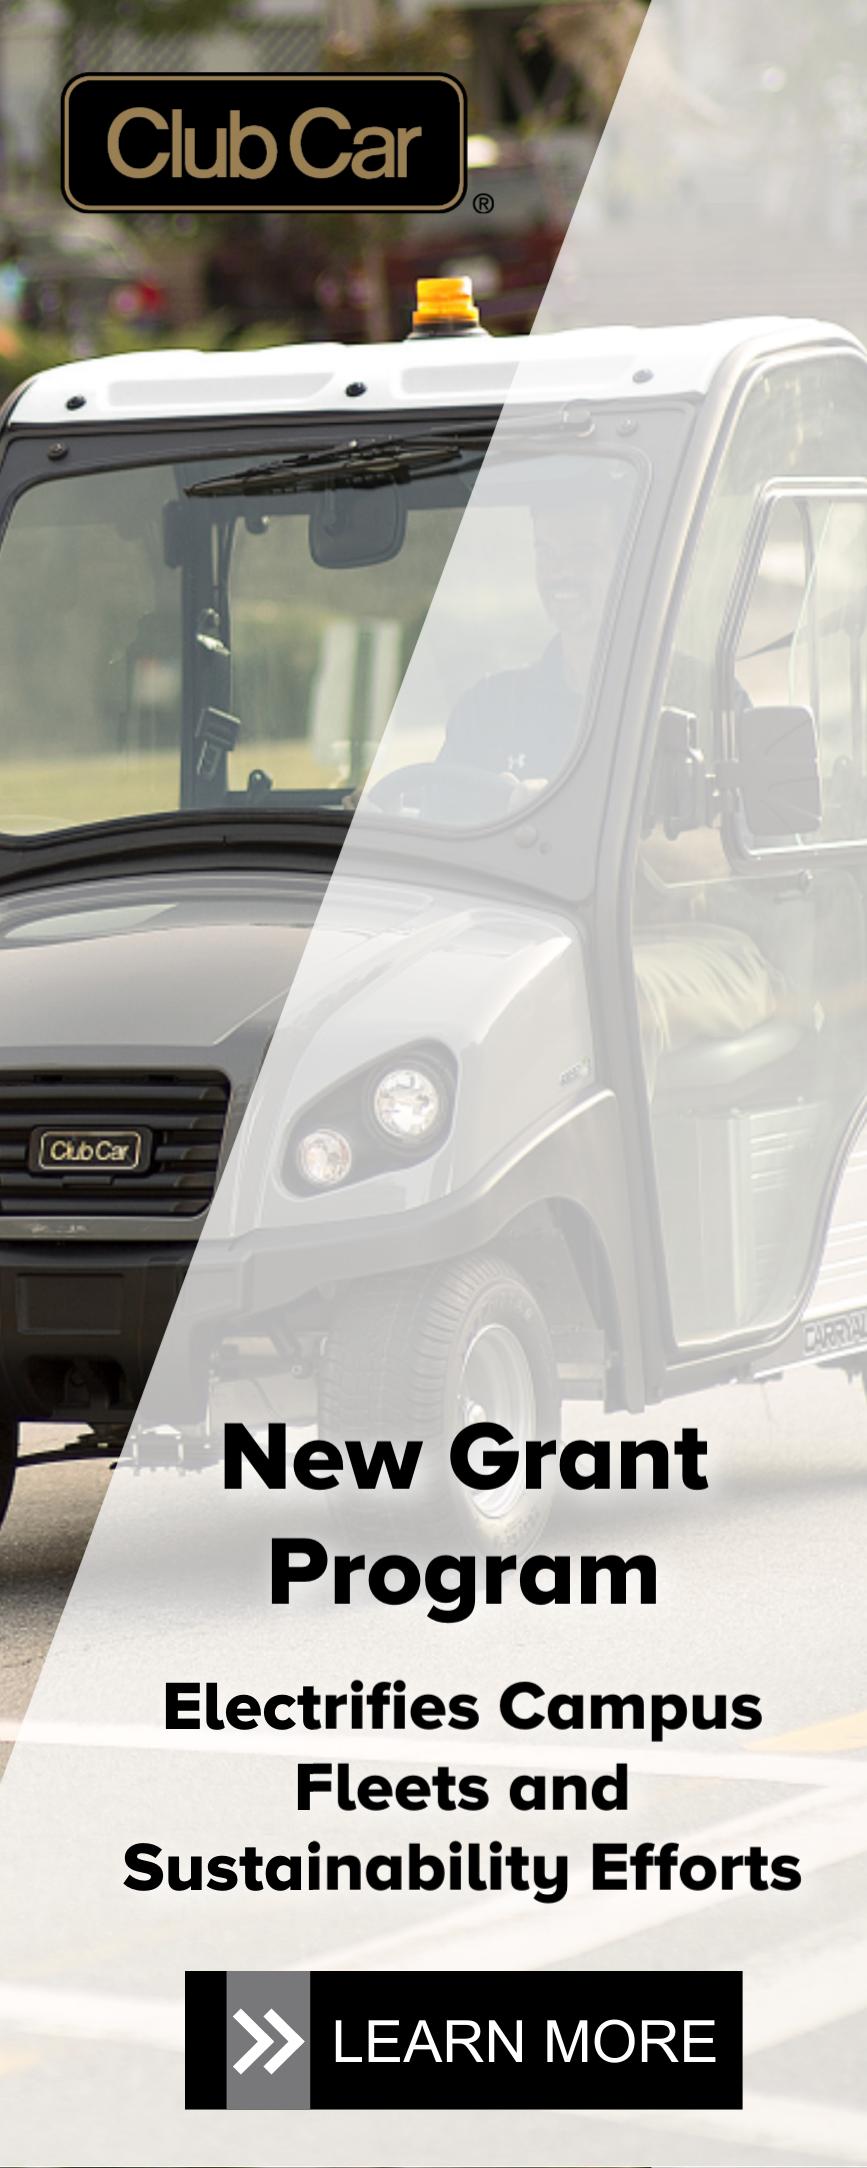 Club Car - Grant Ad